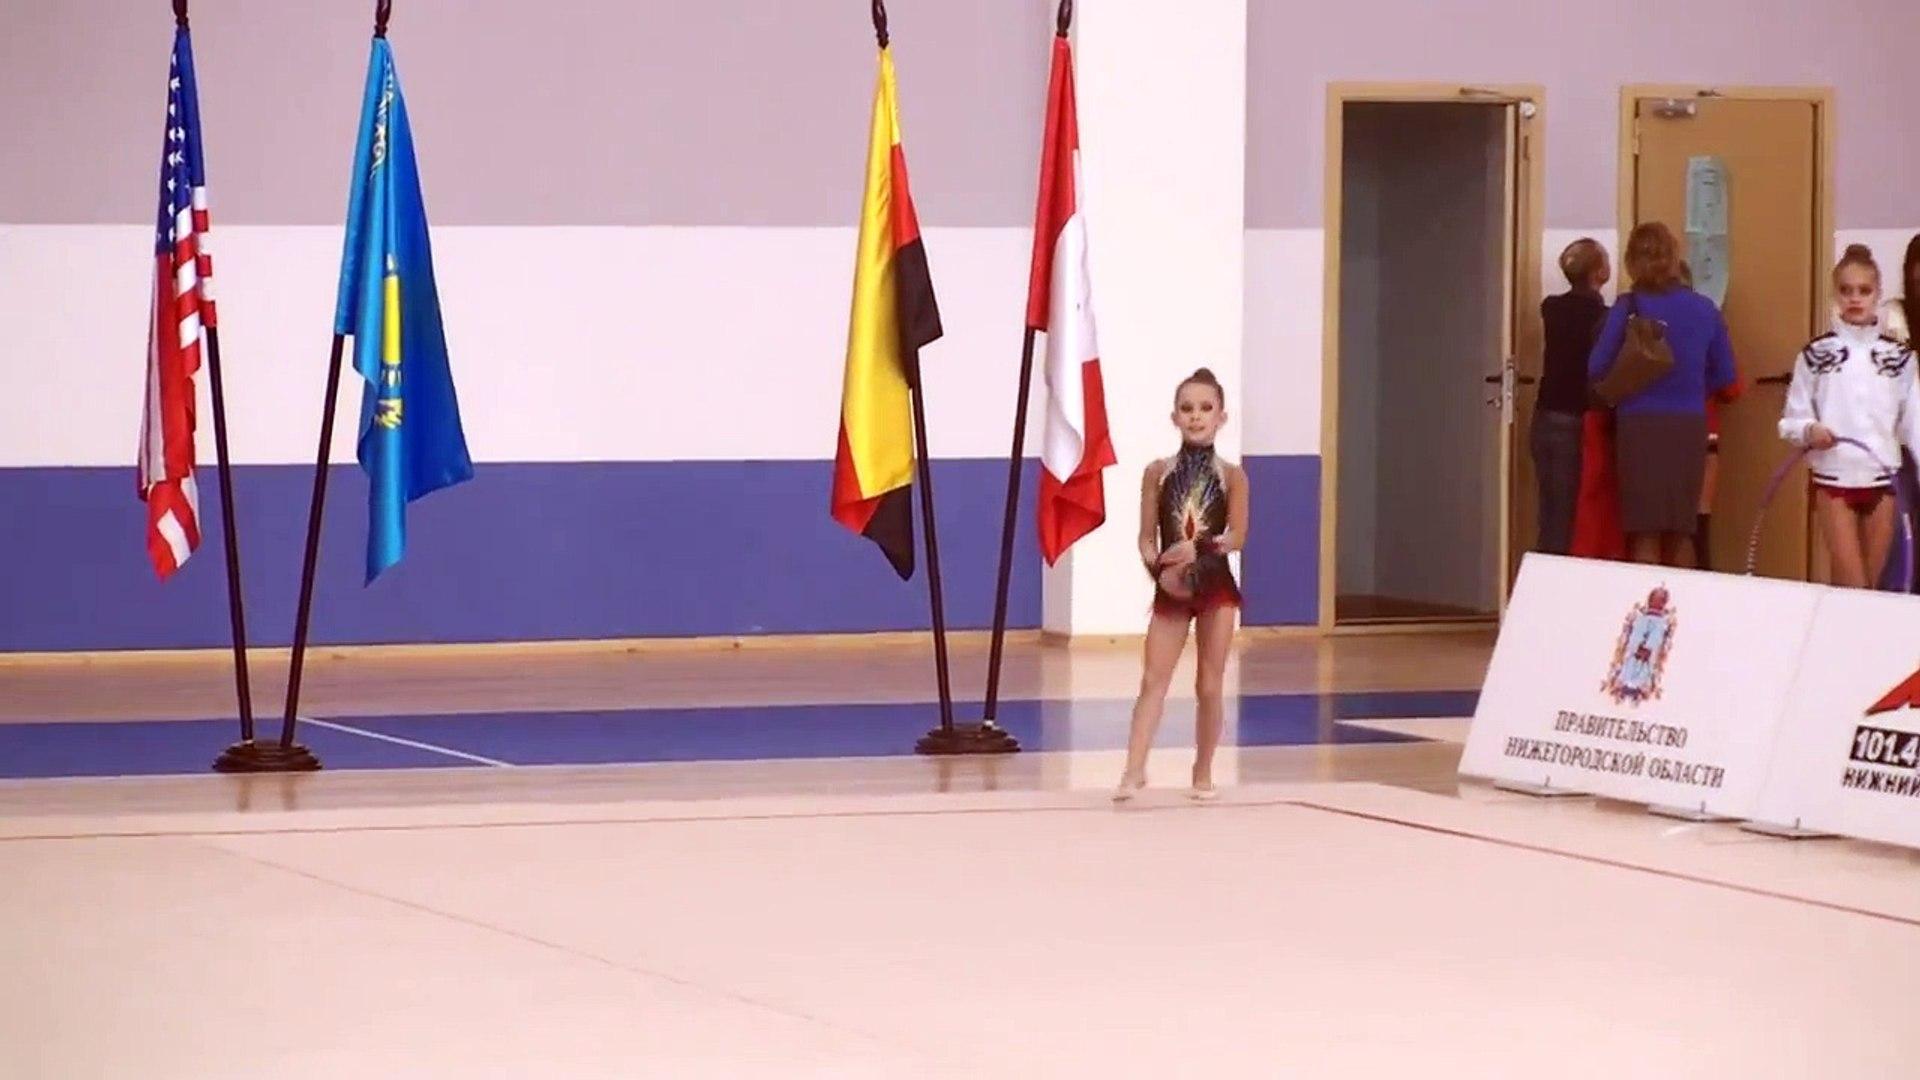 Степанова Лиза без предмета 23-24 декабря 2011 УОР.m2ts